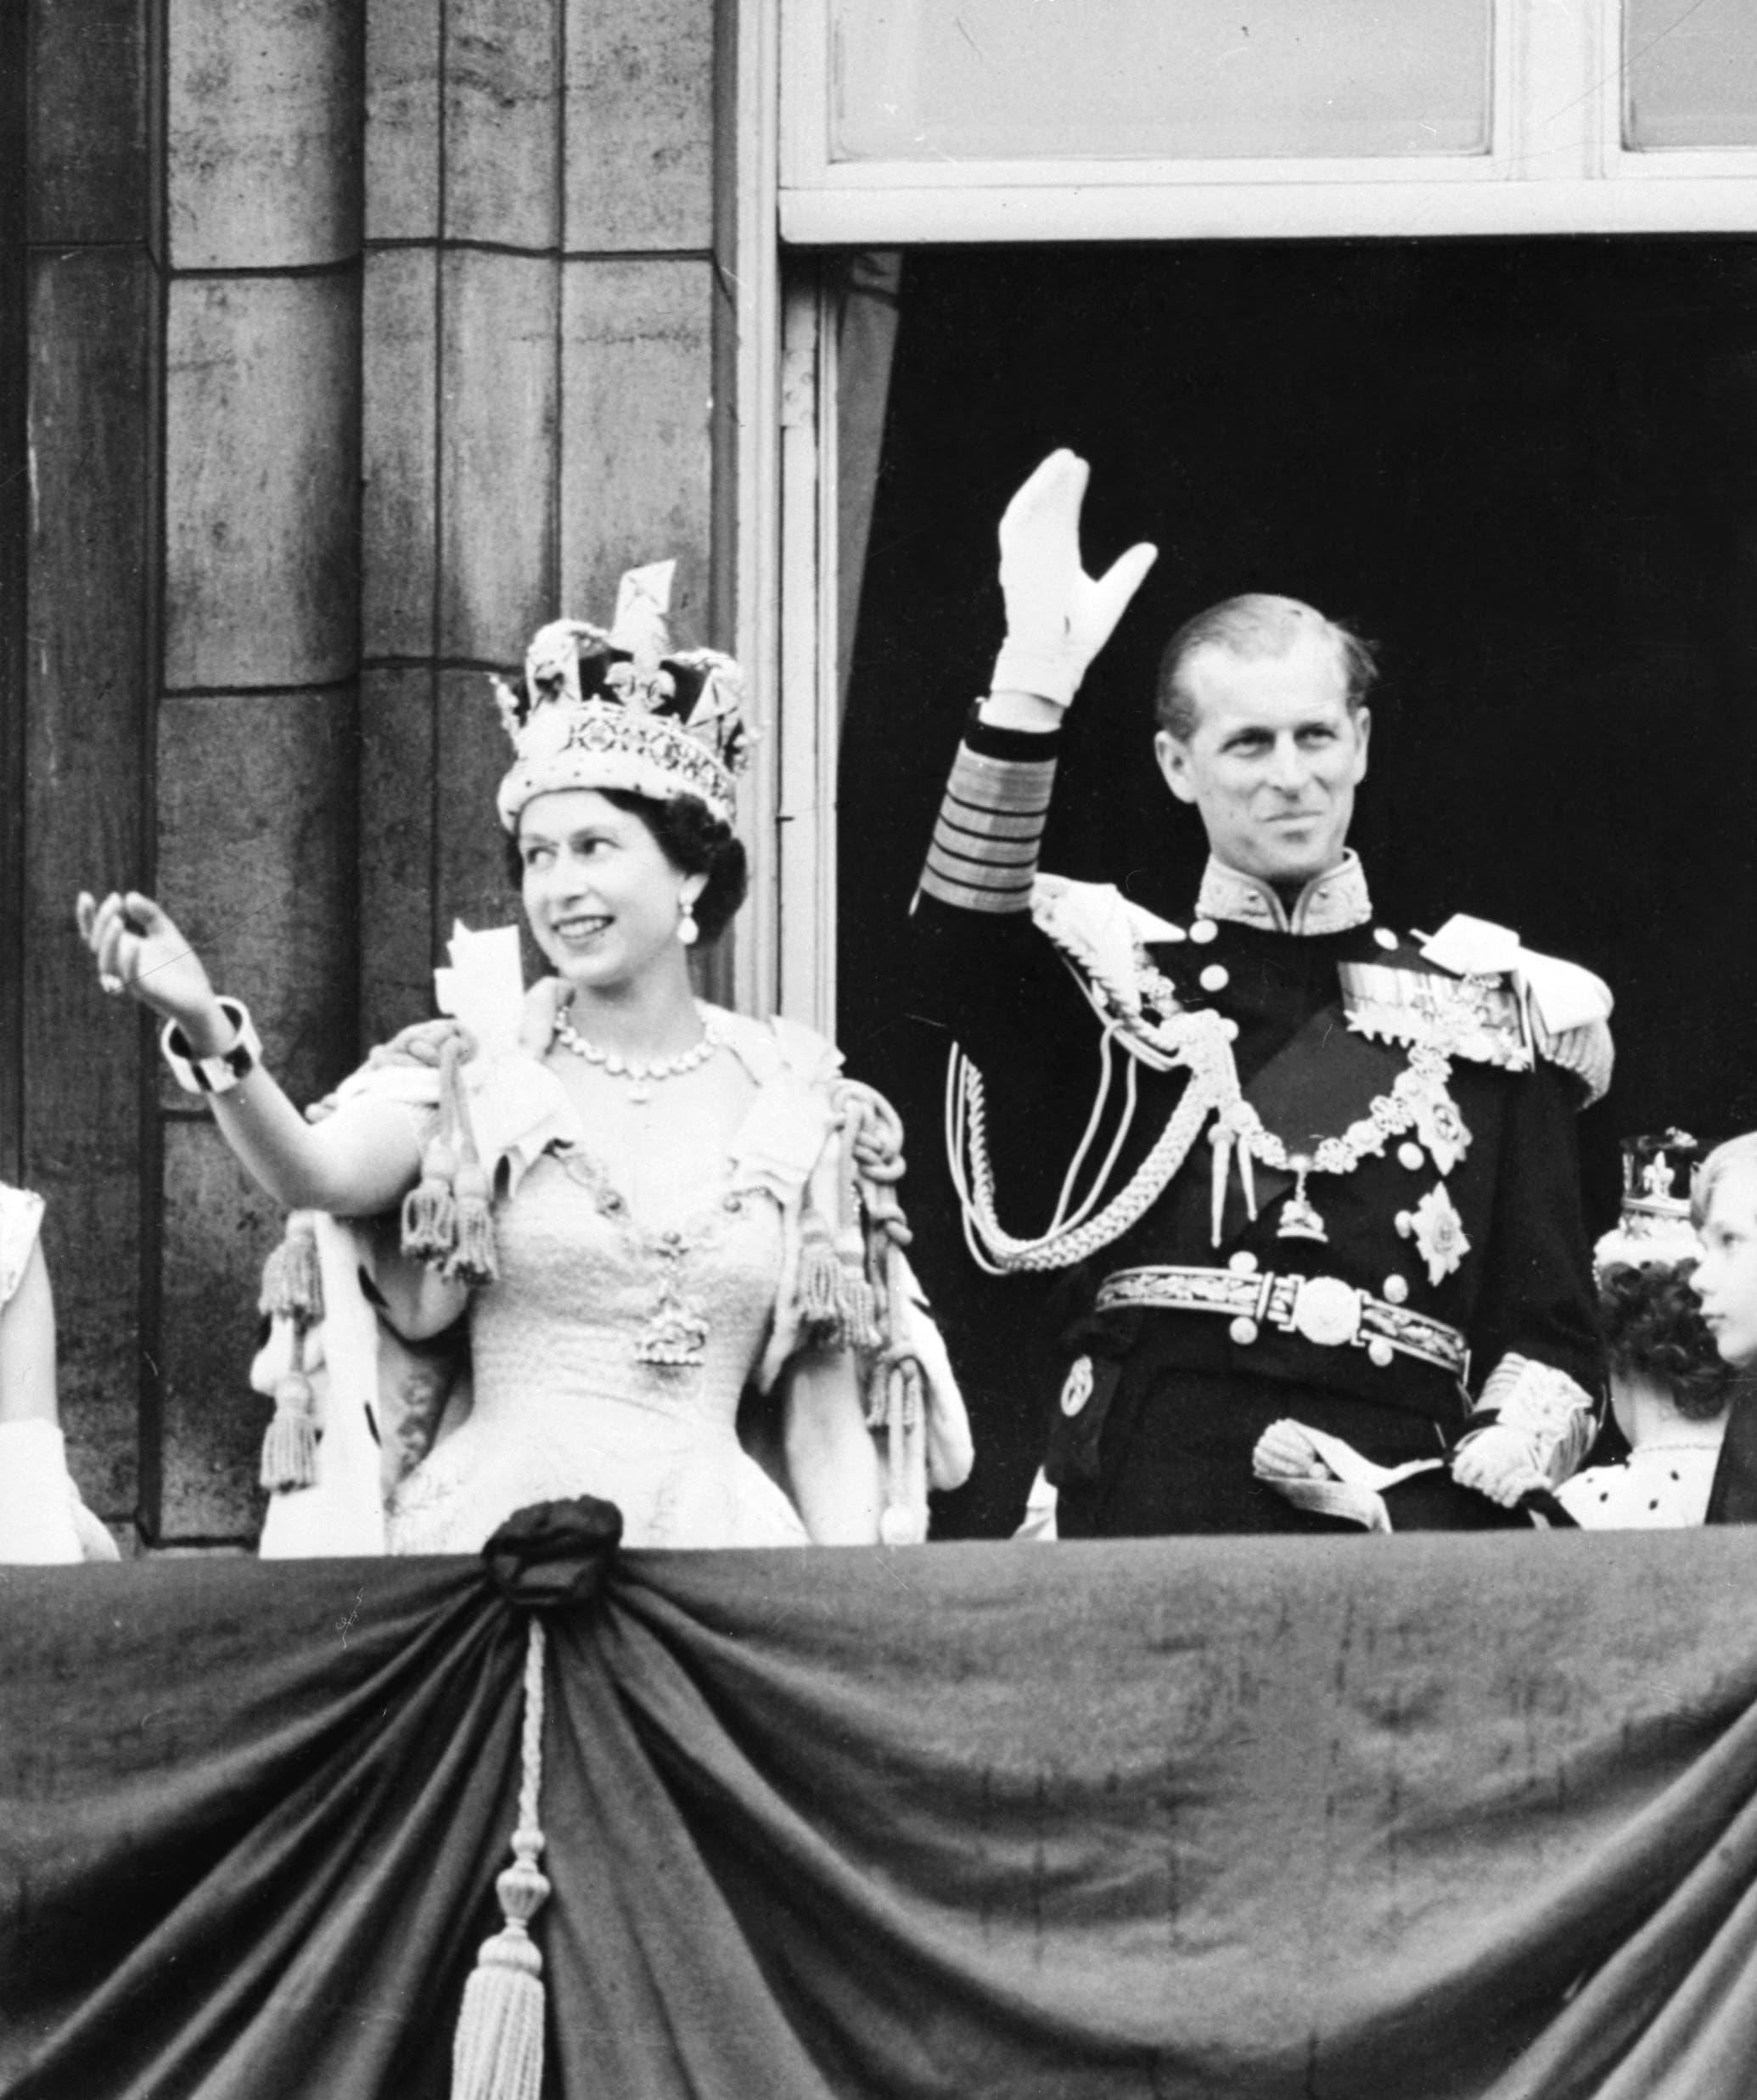 الأمير فيليب والملكة إليزابيث في شبابهما